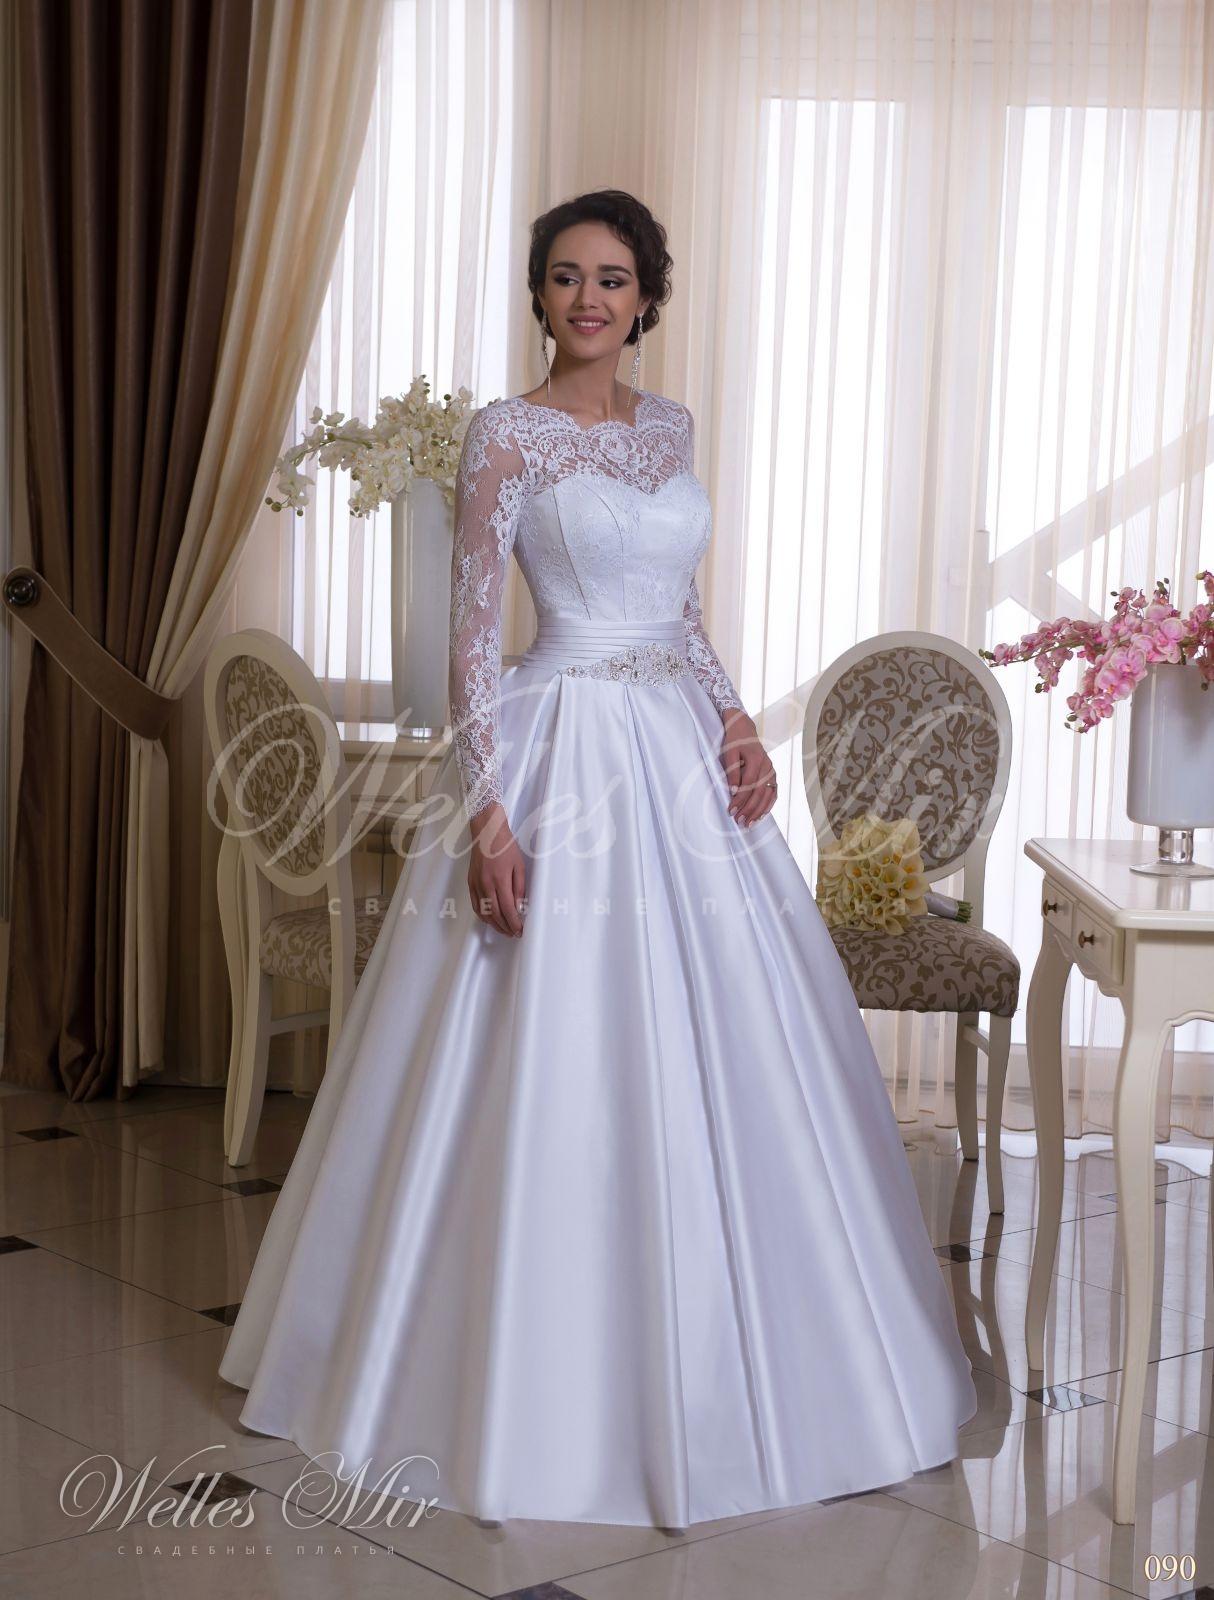 Свадебные платья Charming Elegance - 090